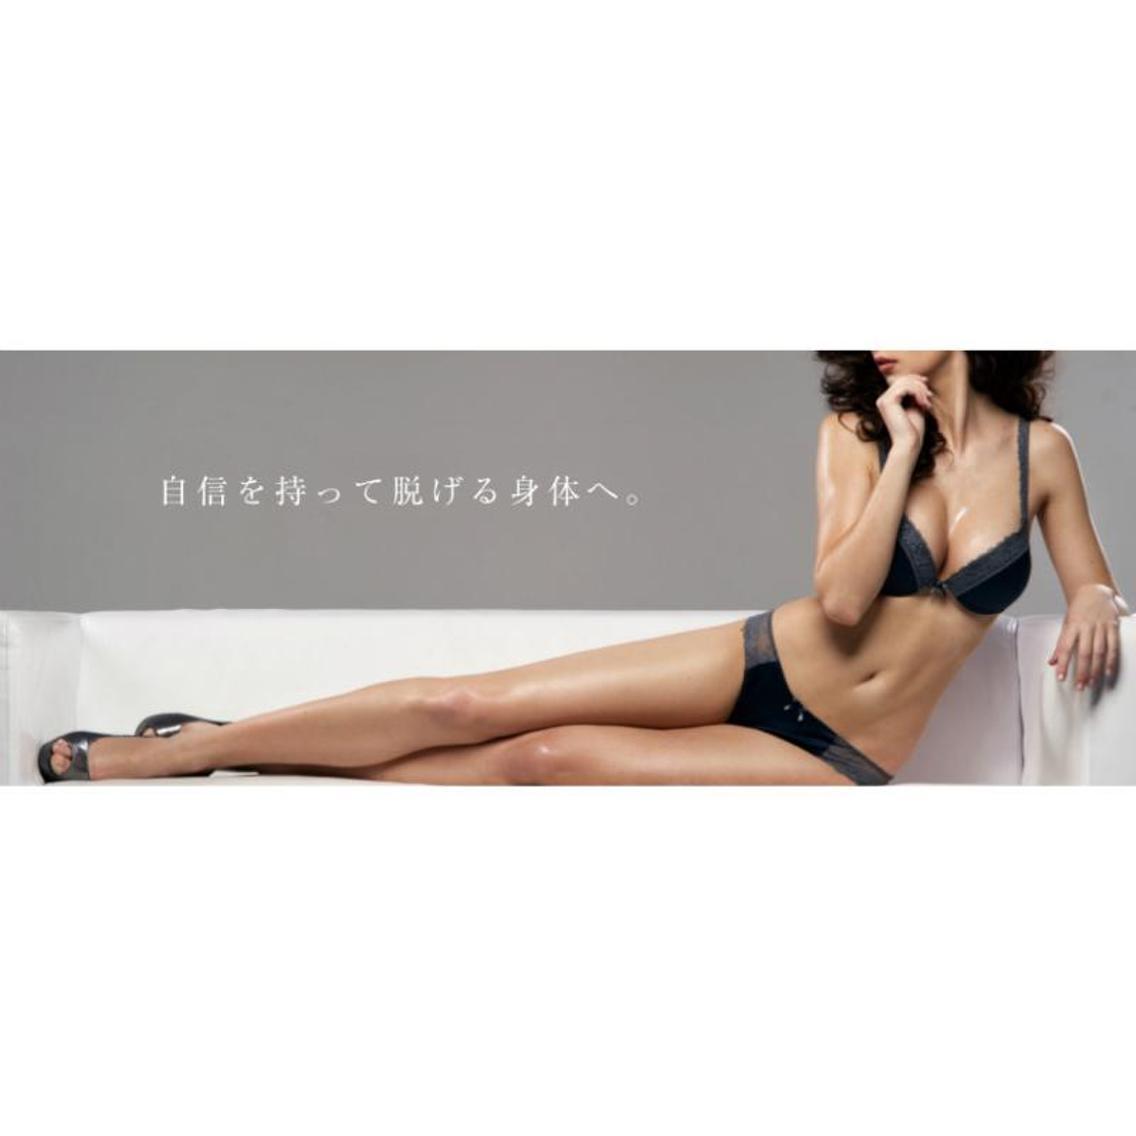 Skin epi 横浜関内店所属・スキンエピ 横浜関内店の掲載